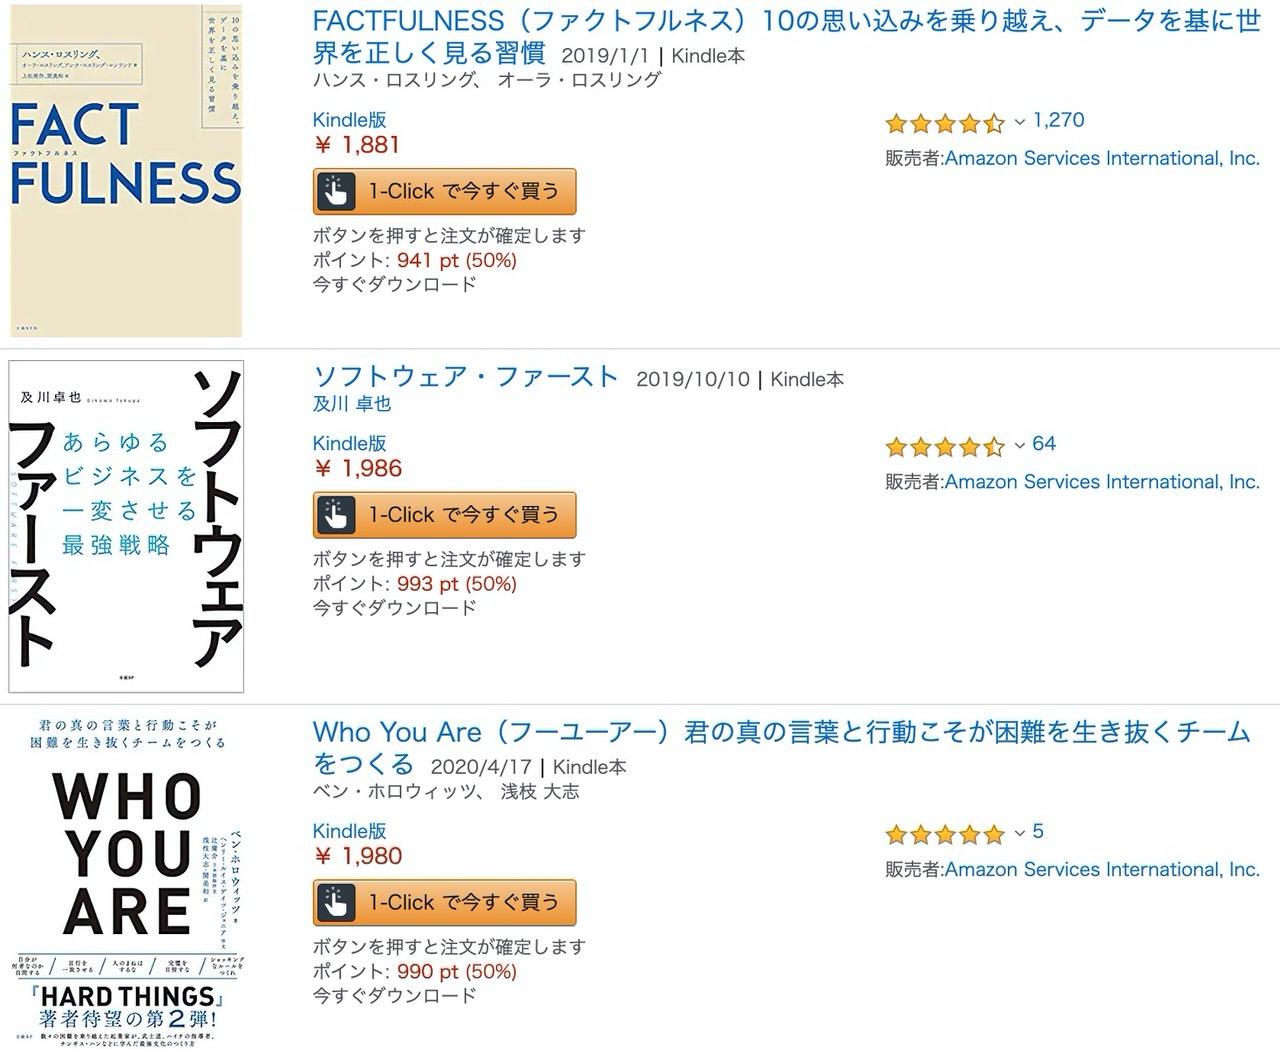 【Kindleセール】ポイント還元50%も!ファクトフルネス、ソフトウェア・ファーストなど4,000冊以上が対象「日経の本」統合記念ポイントアップキャンペーン(5/10まで)